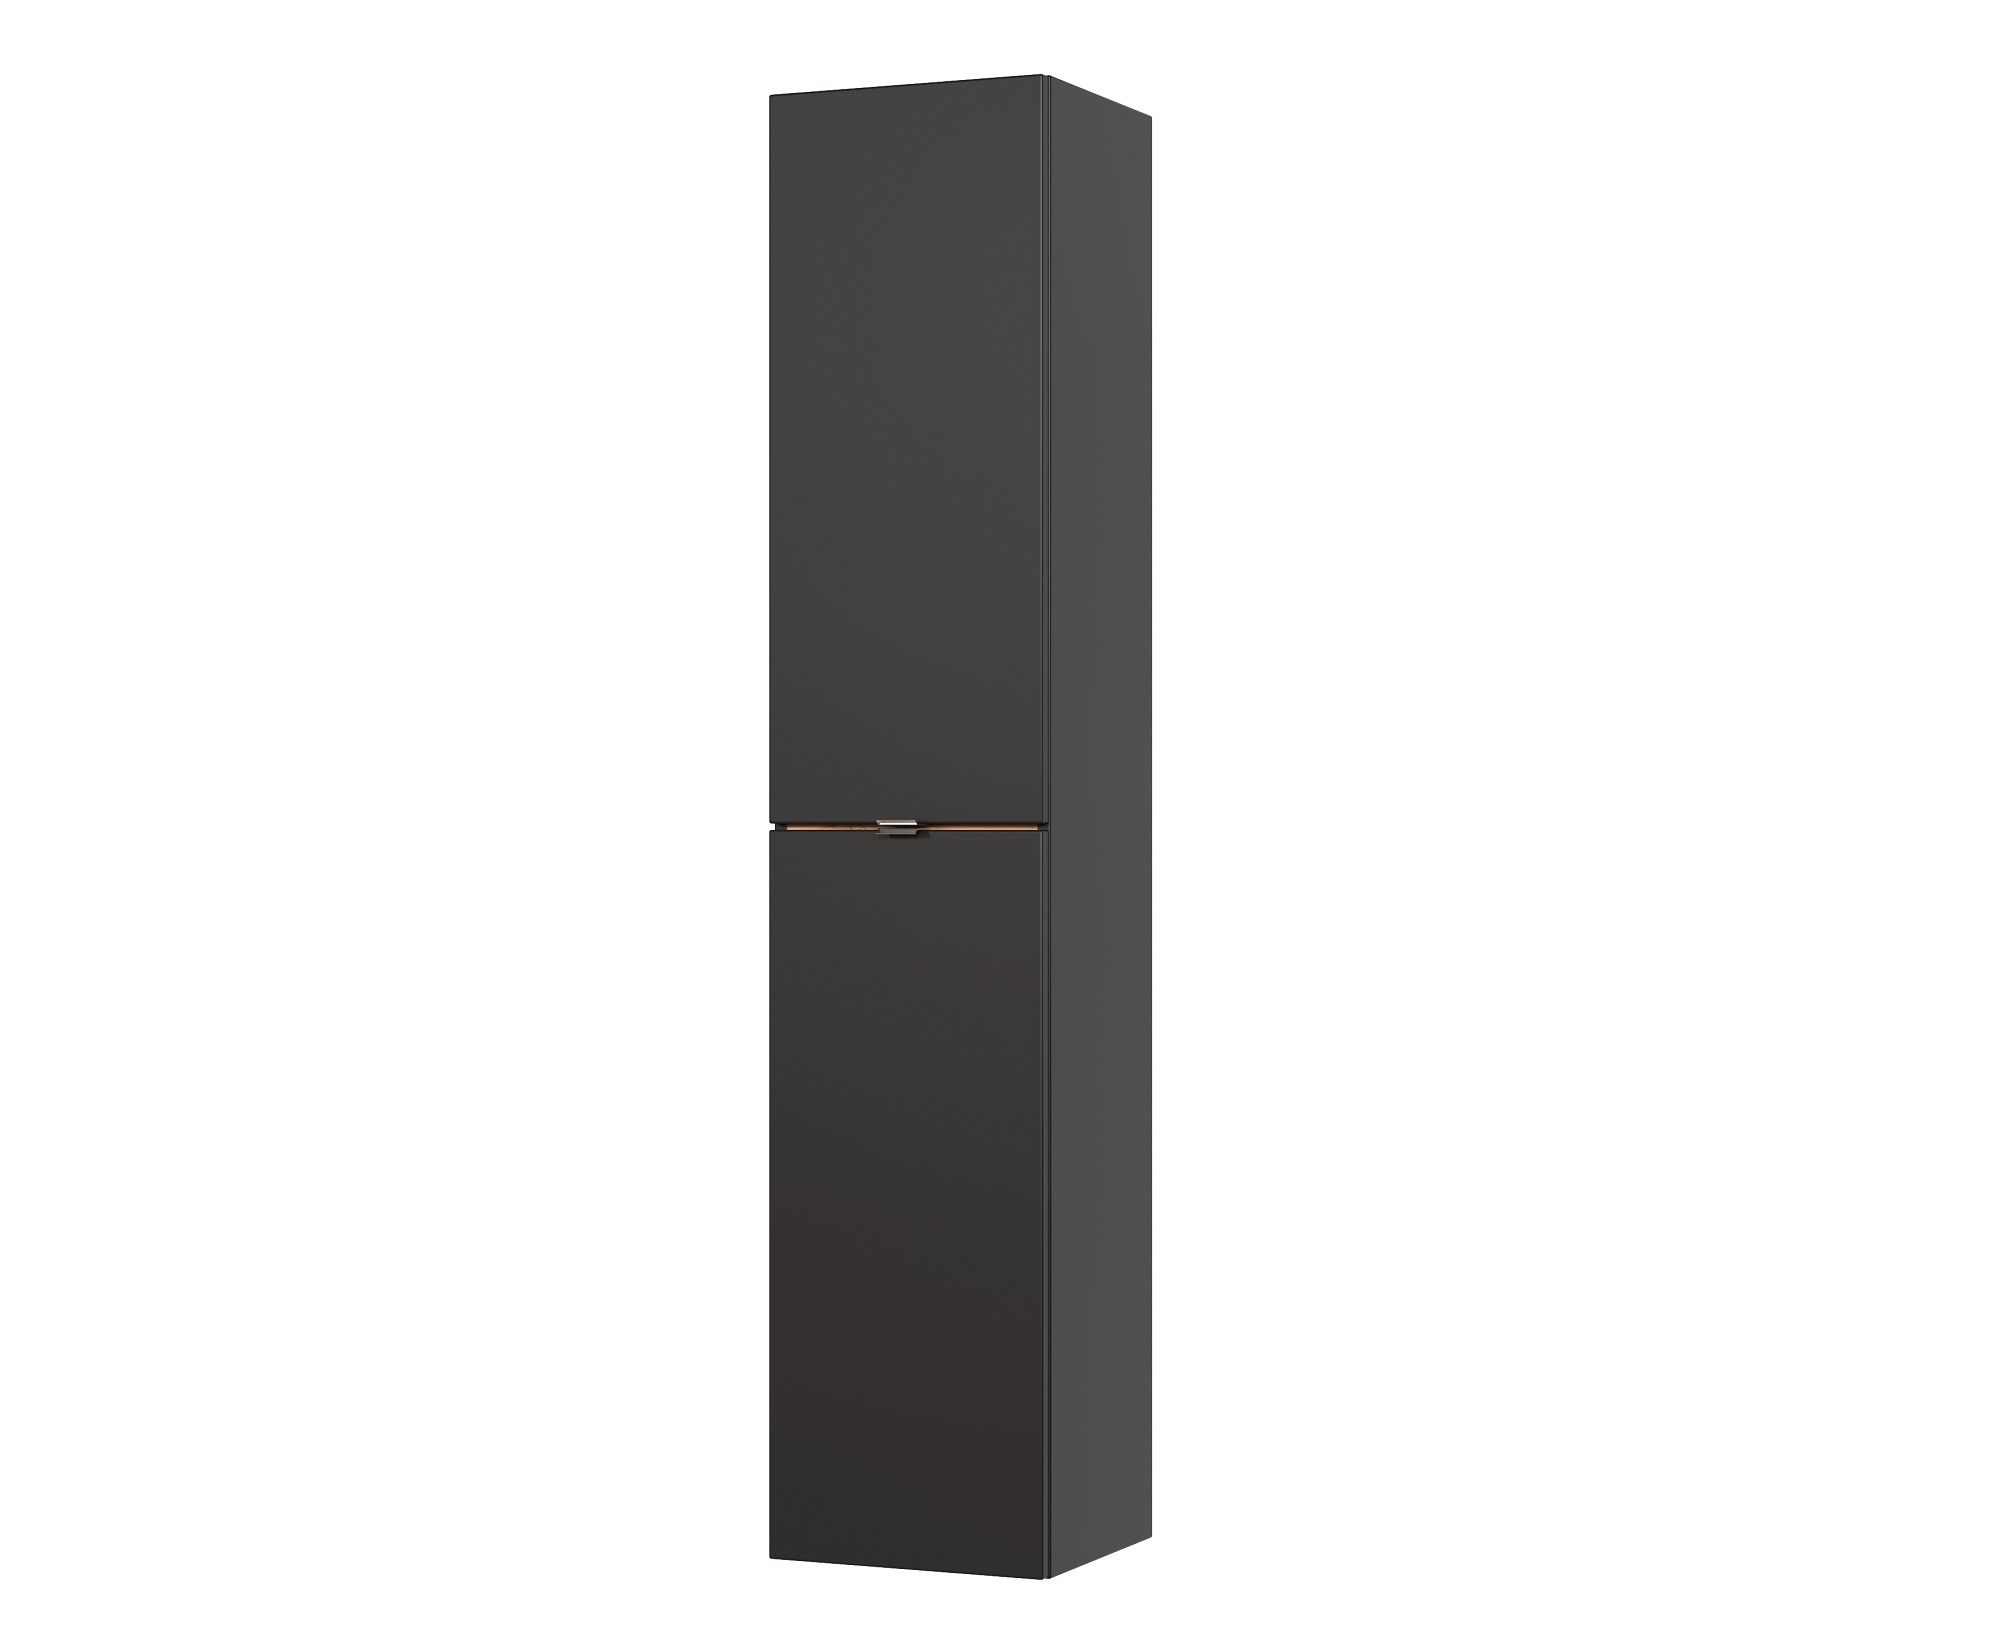 ArtCom Kúpeľňová zostava Capri Cosmos | čierny mat Capri Cosmos | čierny mat: Vysoká skrinka 800